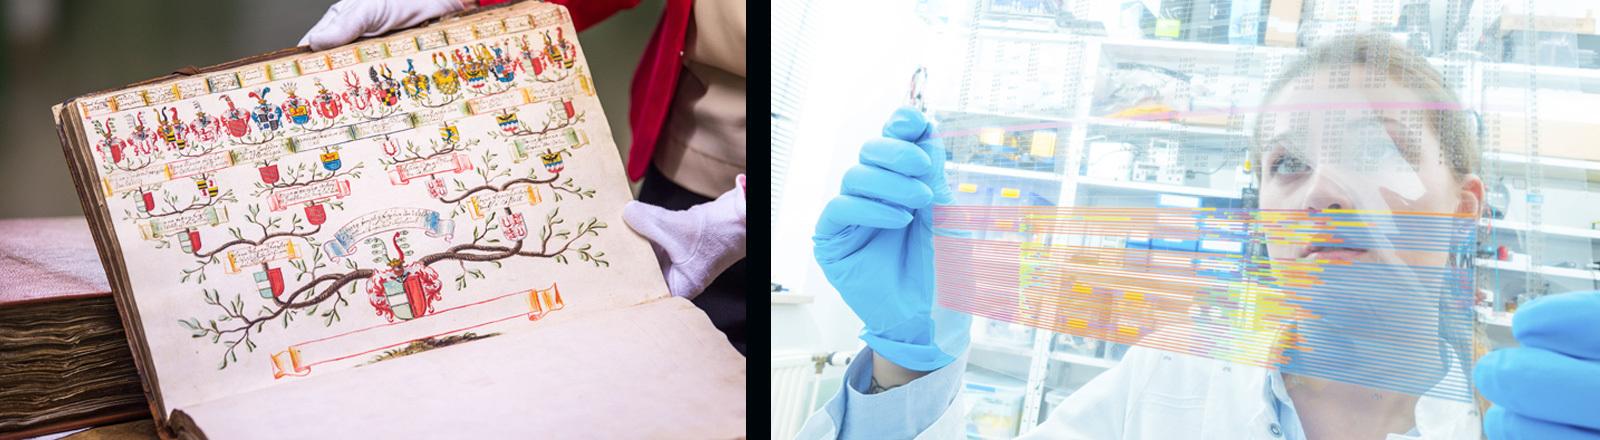 Ahnenforschung - ein gezeichneter Stammbaum in einem Buch und die Situation im Labor, wo eine Wissenschaftlerin genetische Daten ausliest.